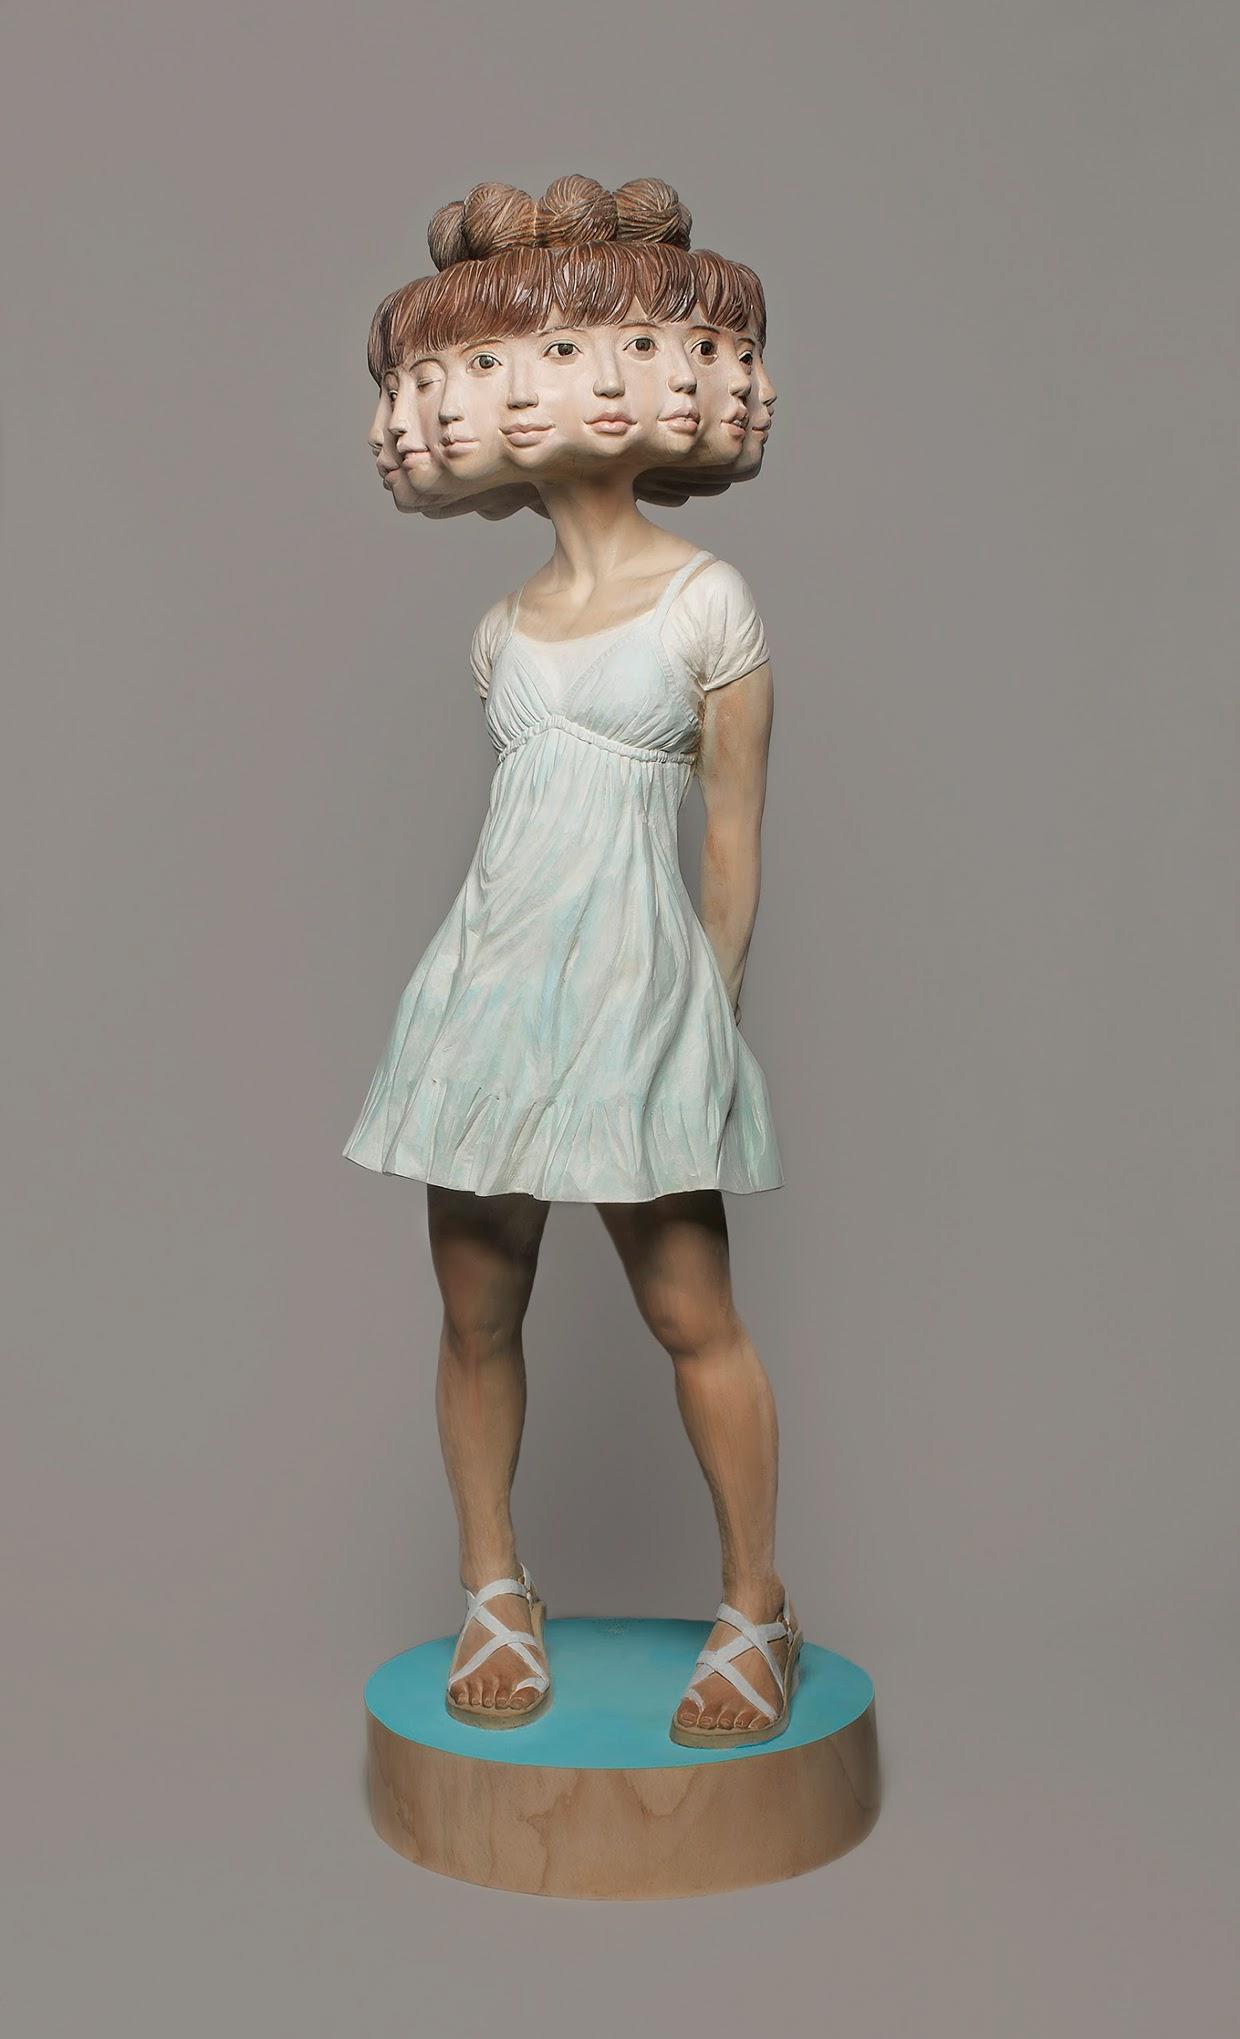 Este escultor japonês mostra como transforma a madeira em estátuas surreais 01